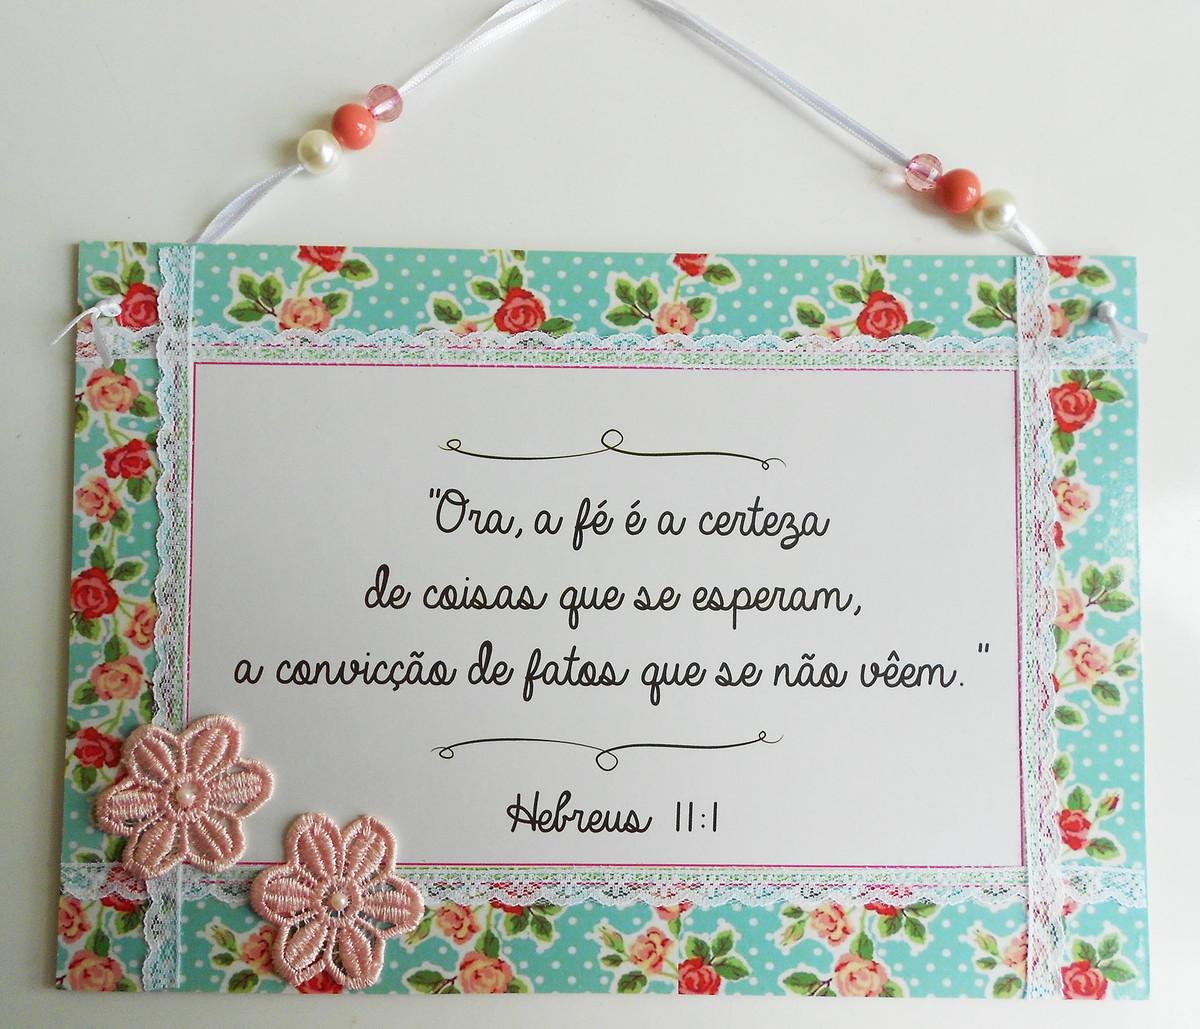 Plaquinha Frase Bíblica No Elo7 Papel Com Artes 5f477f